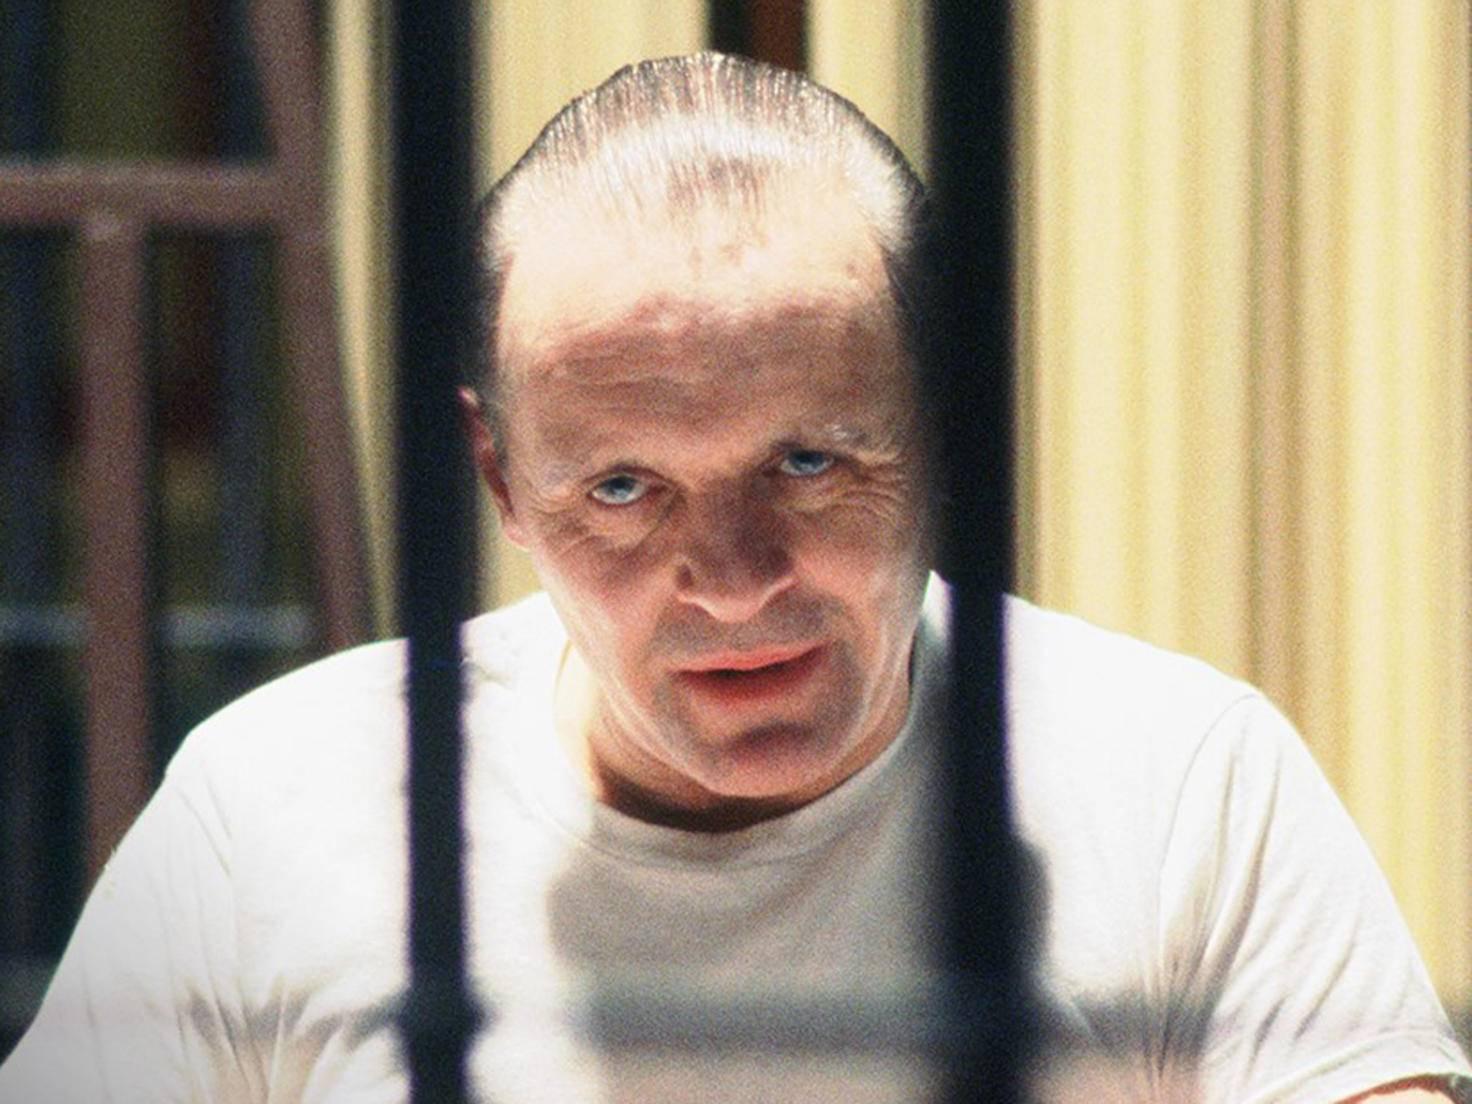 Die Gegenwart von Hannibal Lecter lässt sich nur mit Abstand genießen.